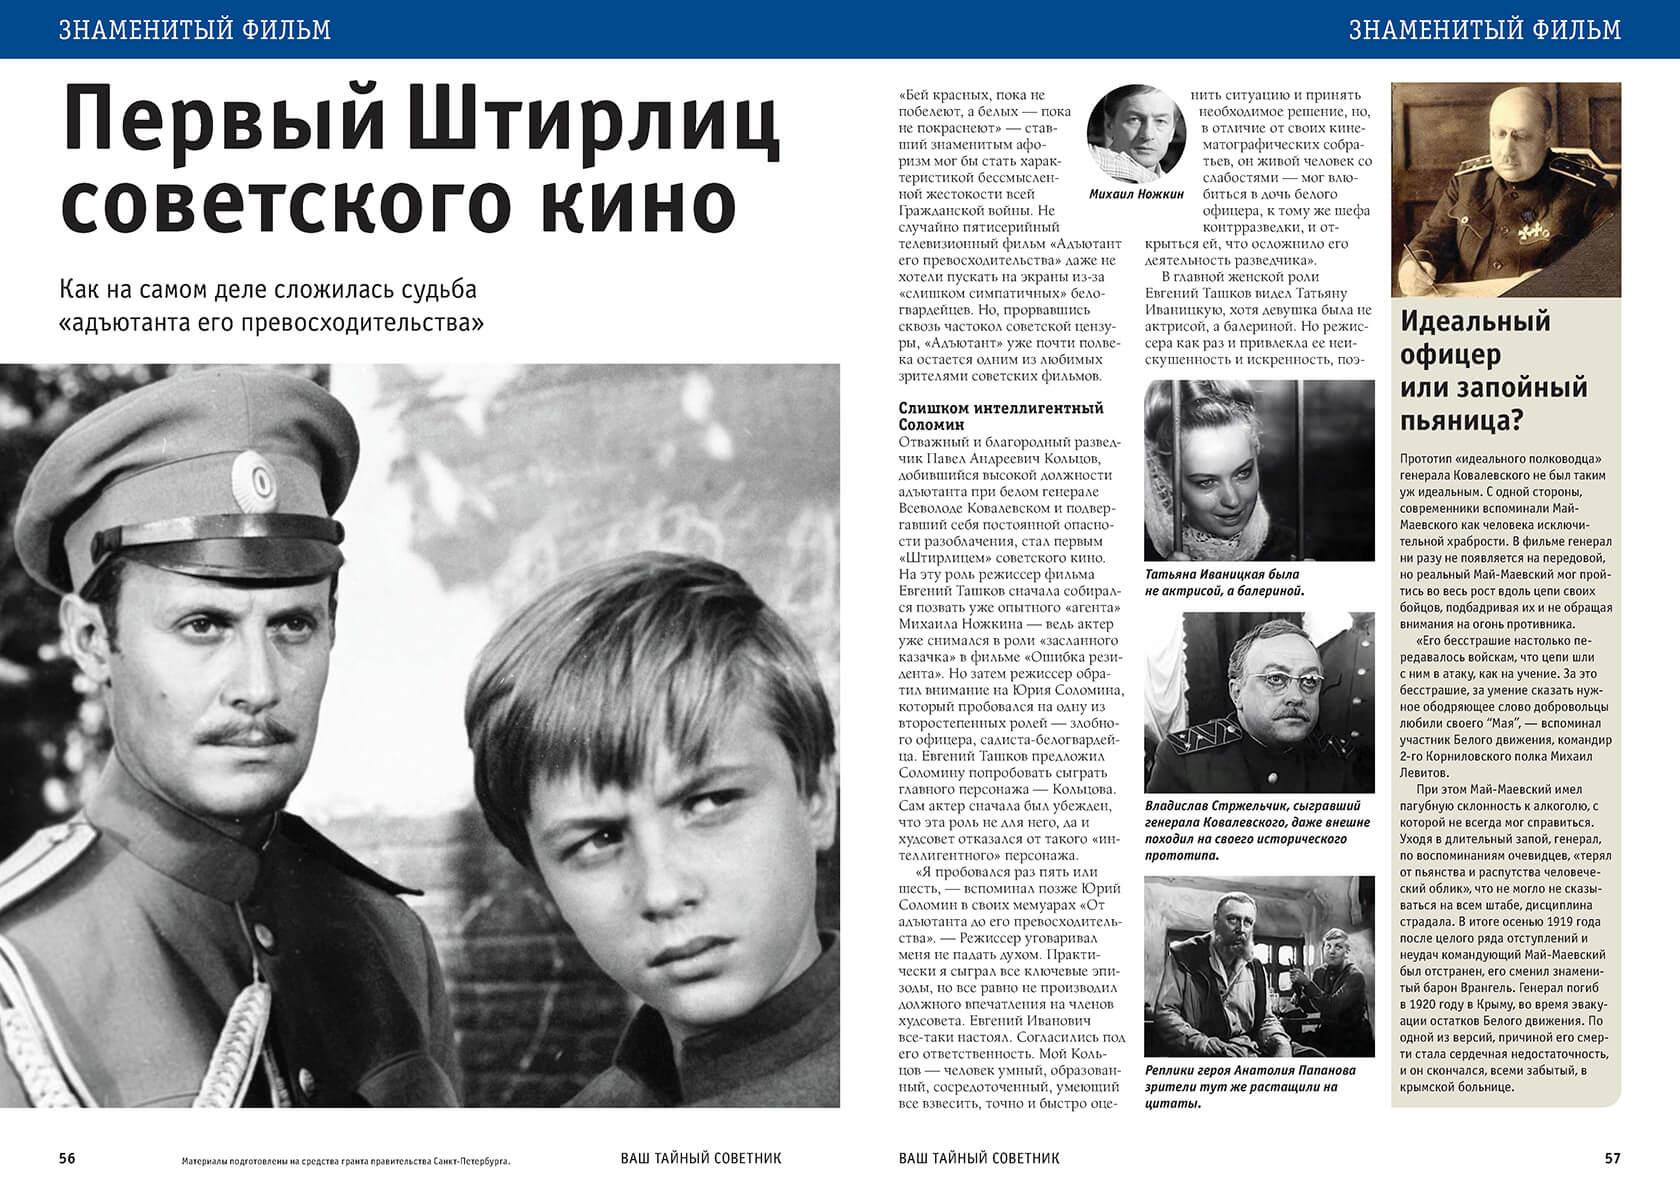 Знаменитый фильм «Адъютант его превосходительства». История